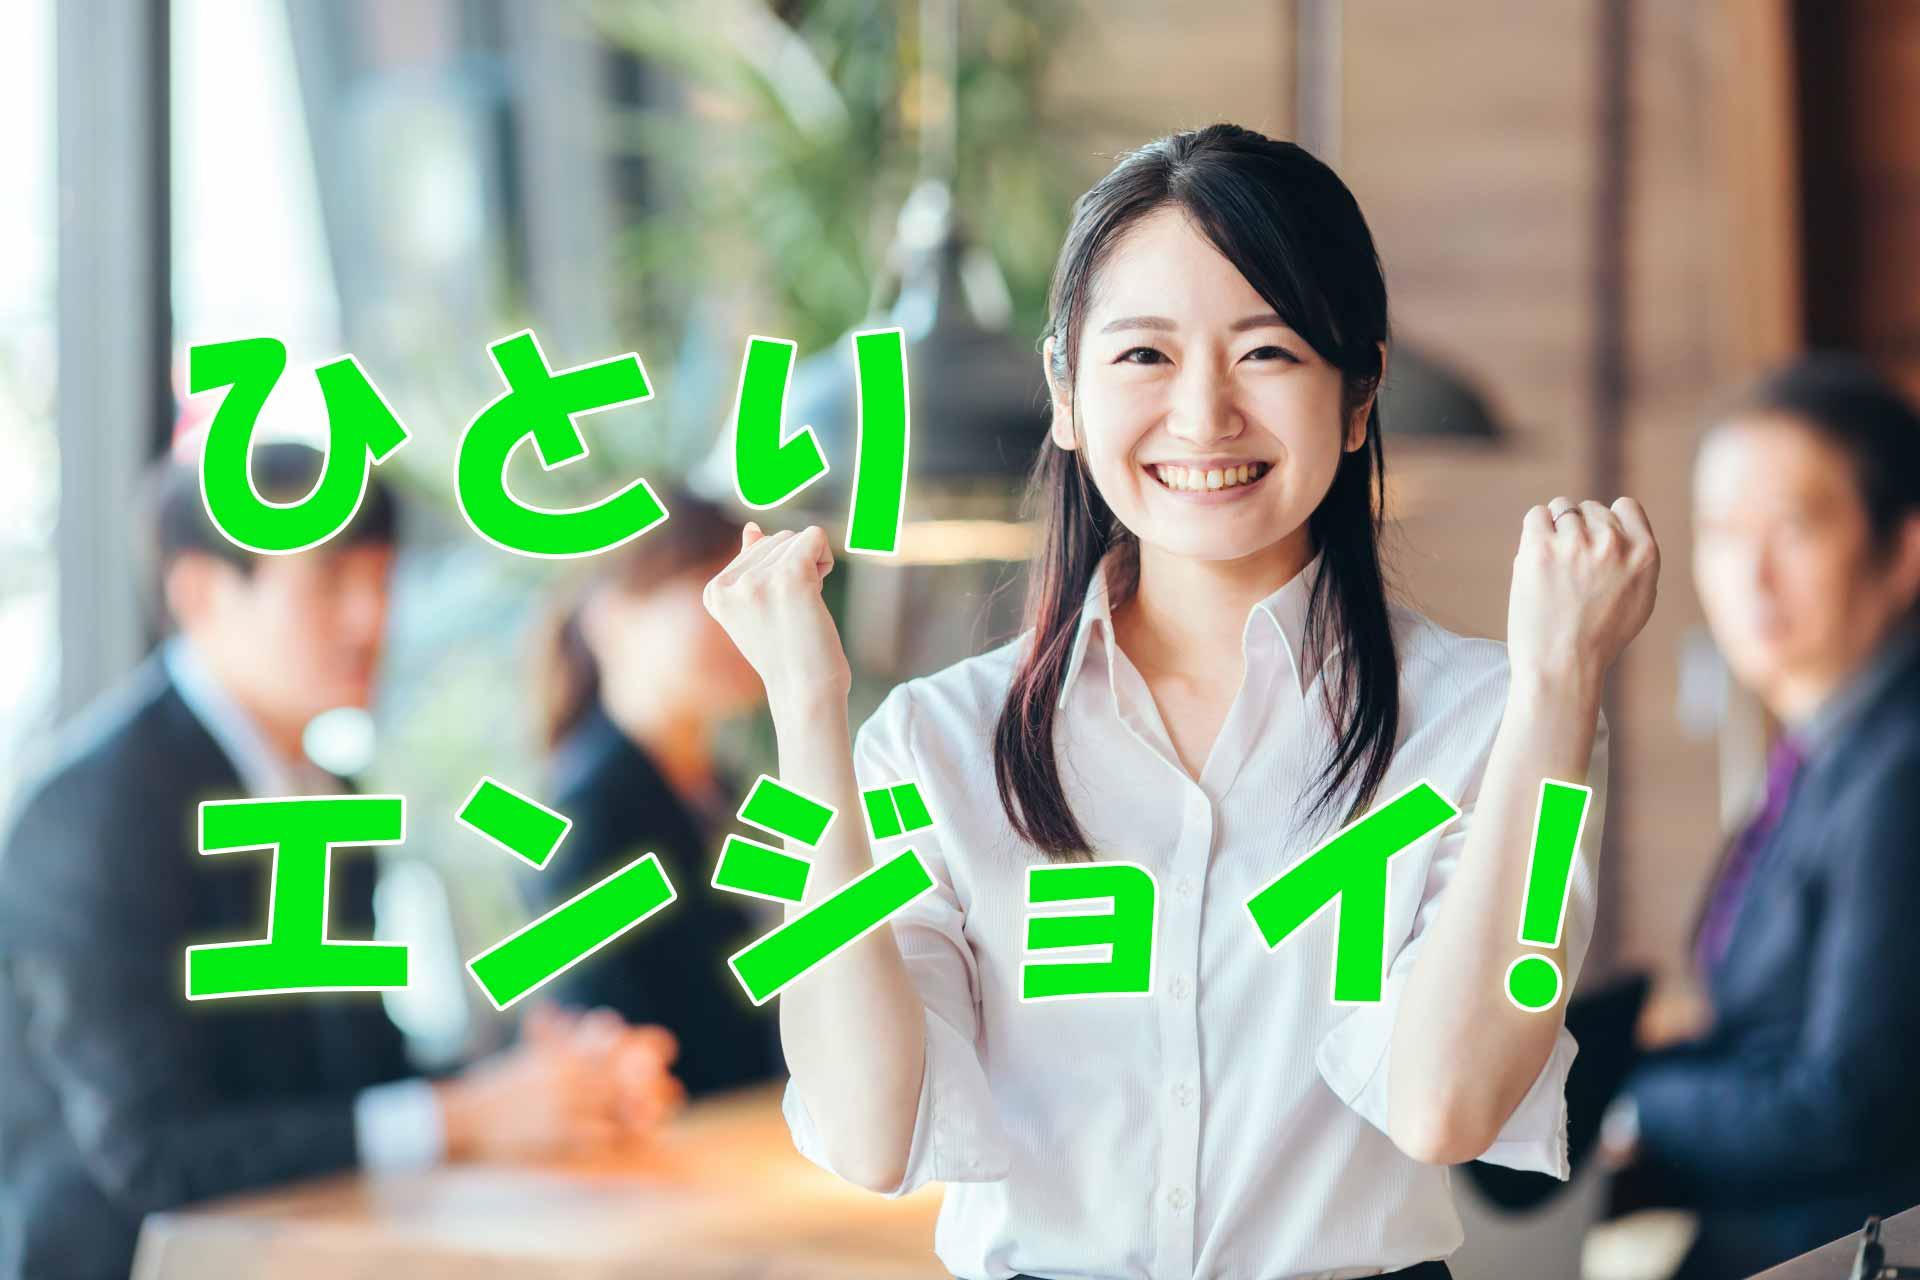 ガッツポーズしているスーツの女性と「ひとりエンジョイ!」の文字